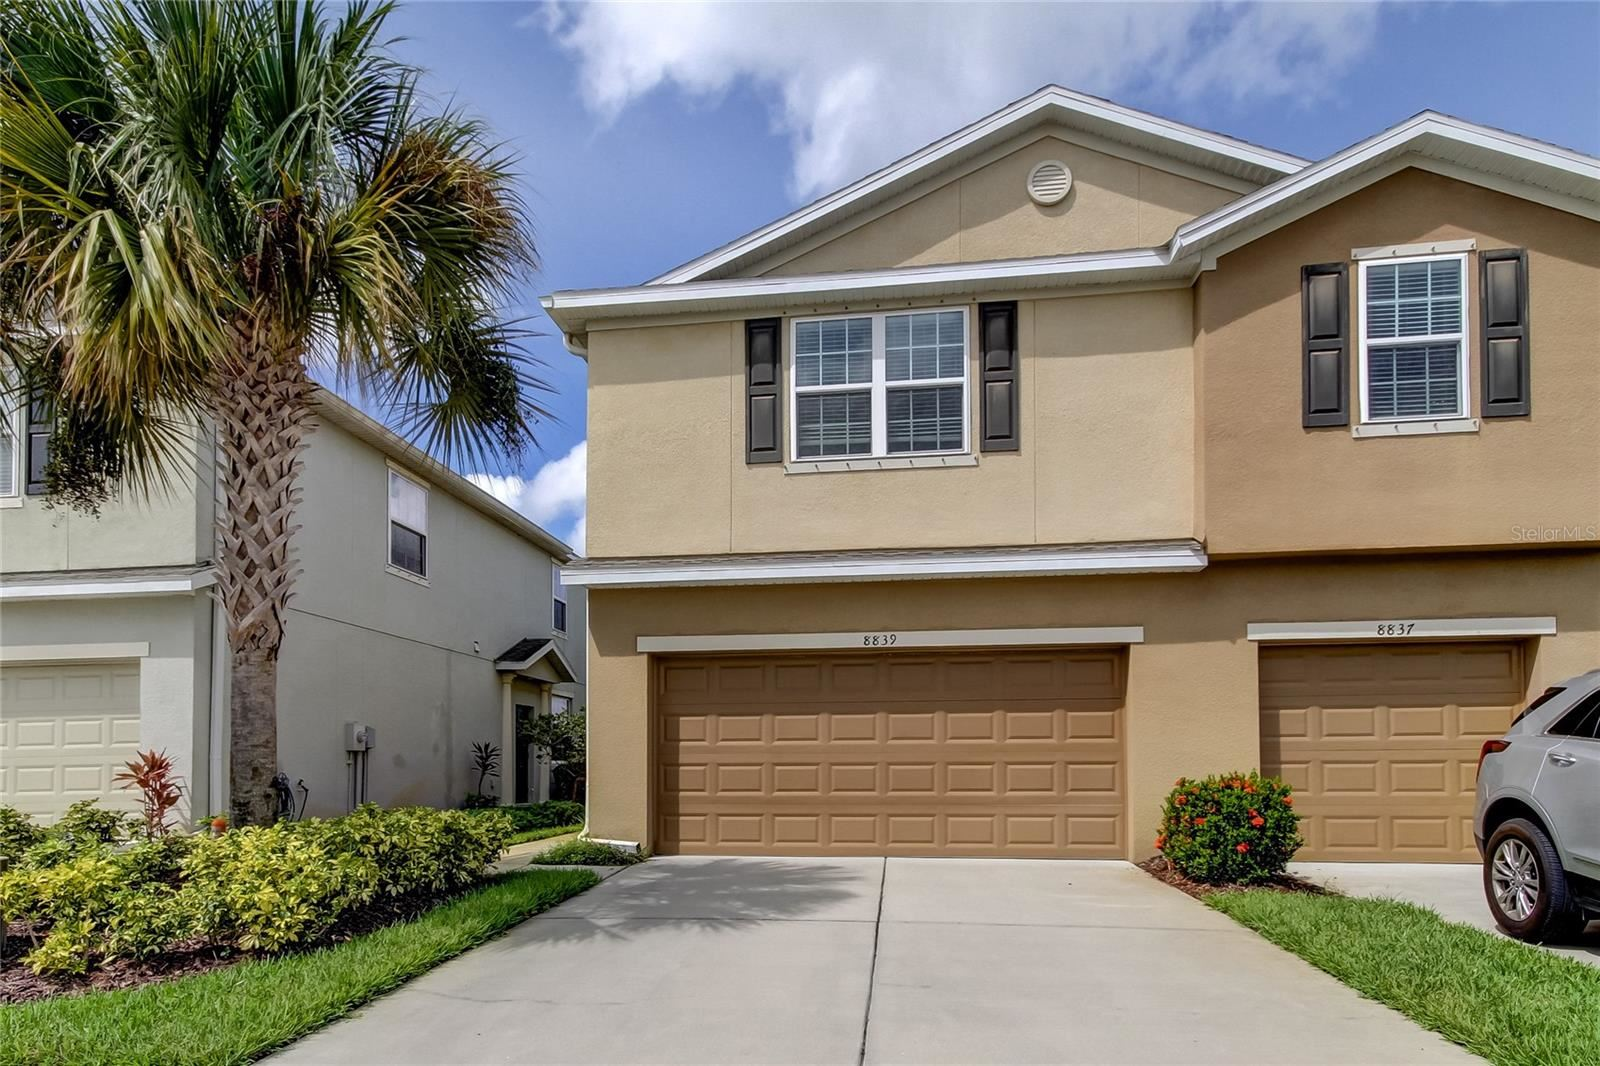 8839 TURNSTONE HAVEN PLACE, Tampa, FL 33619 - MLS#: U8136935